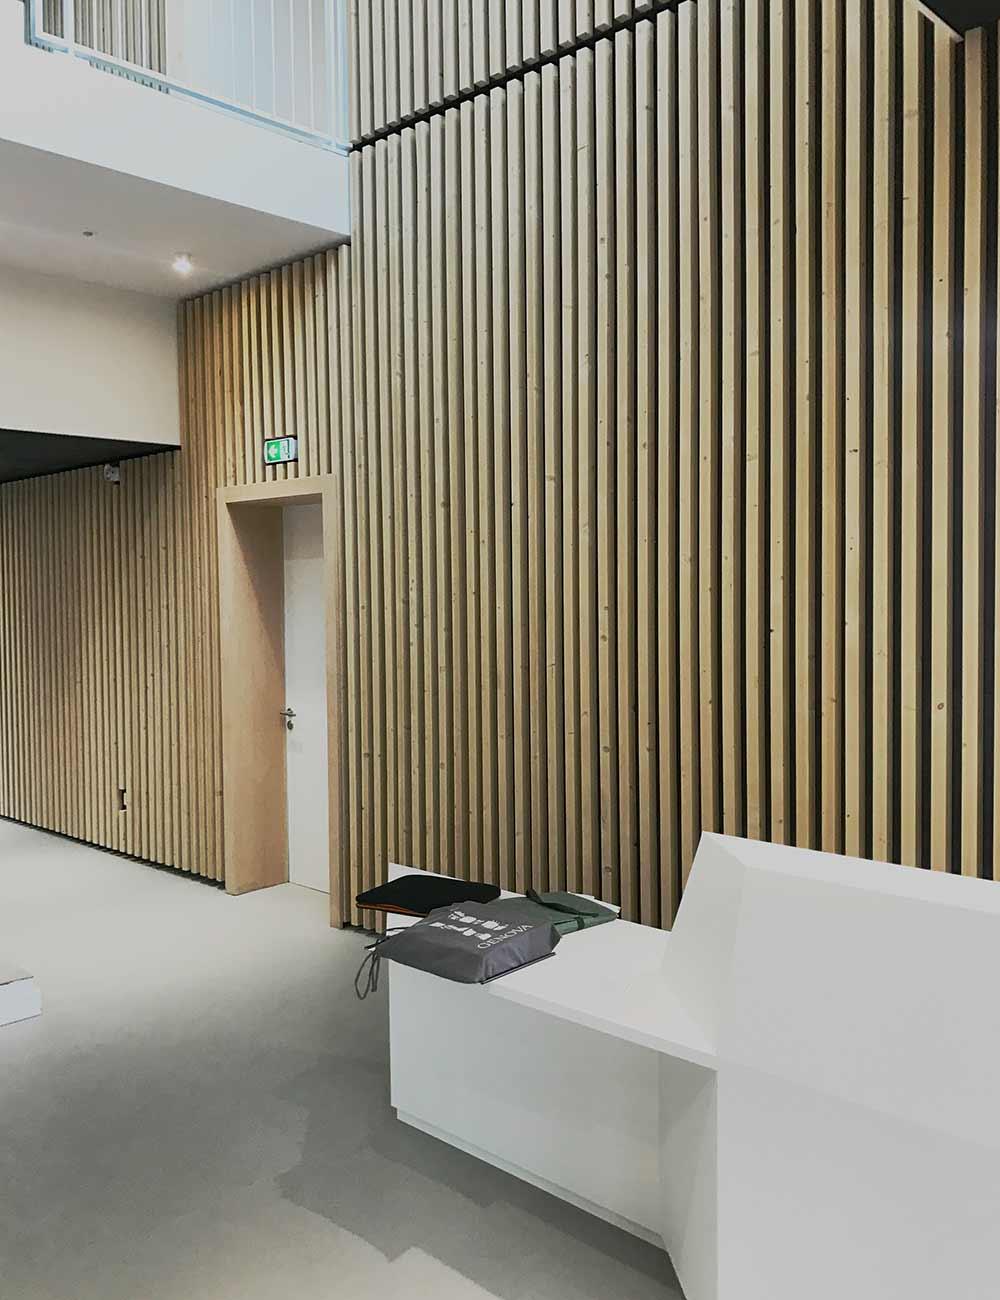 interni martinoli pasini architetti